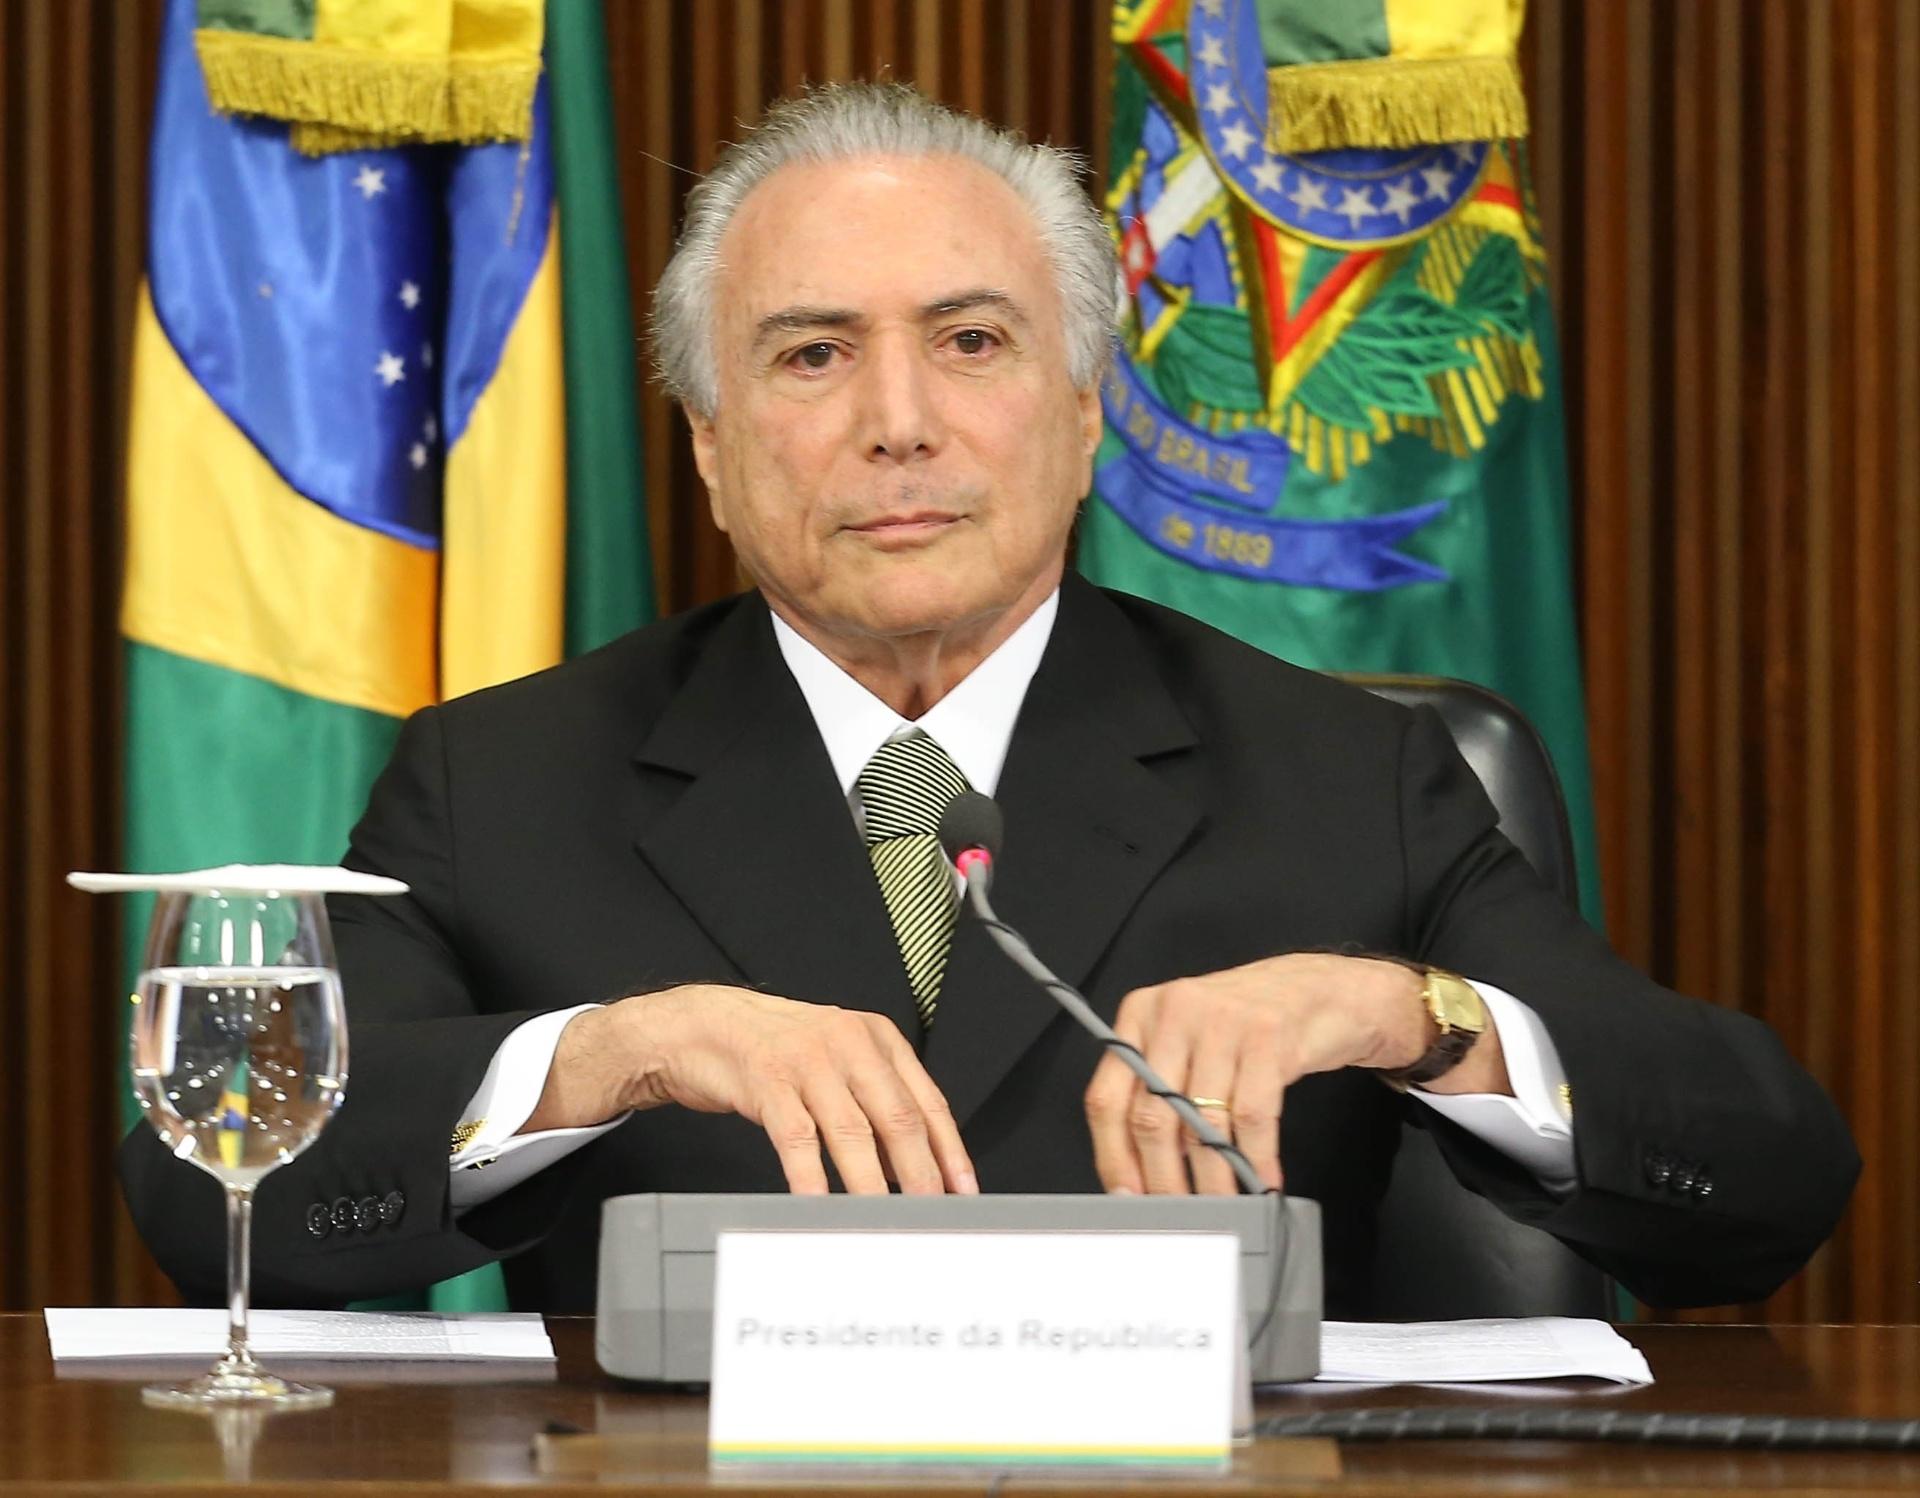 24.mai.2016 - O presidente em exercício, Michel Temer, anuncia medidas econômicas para reverter déficit fiscal, no Palácio do Planalto, em Brasília